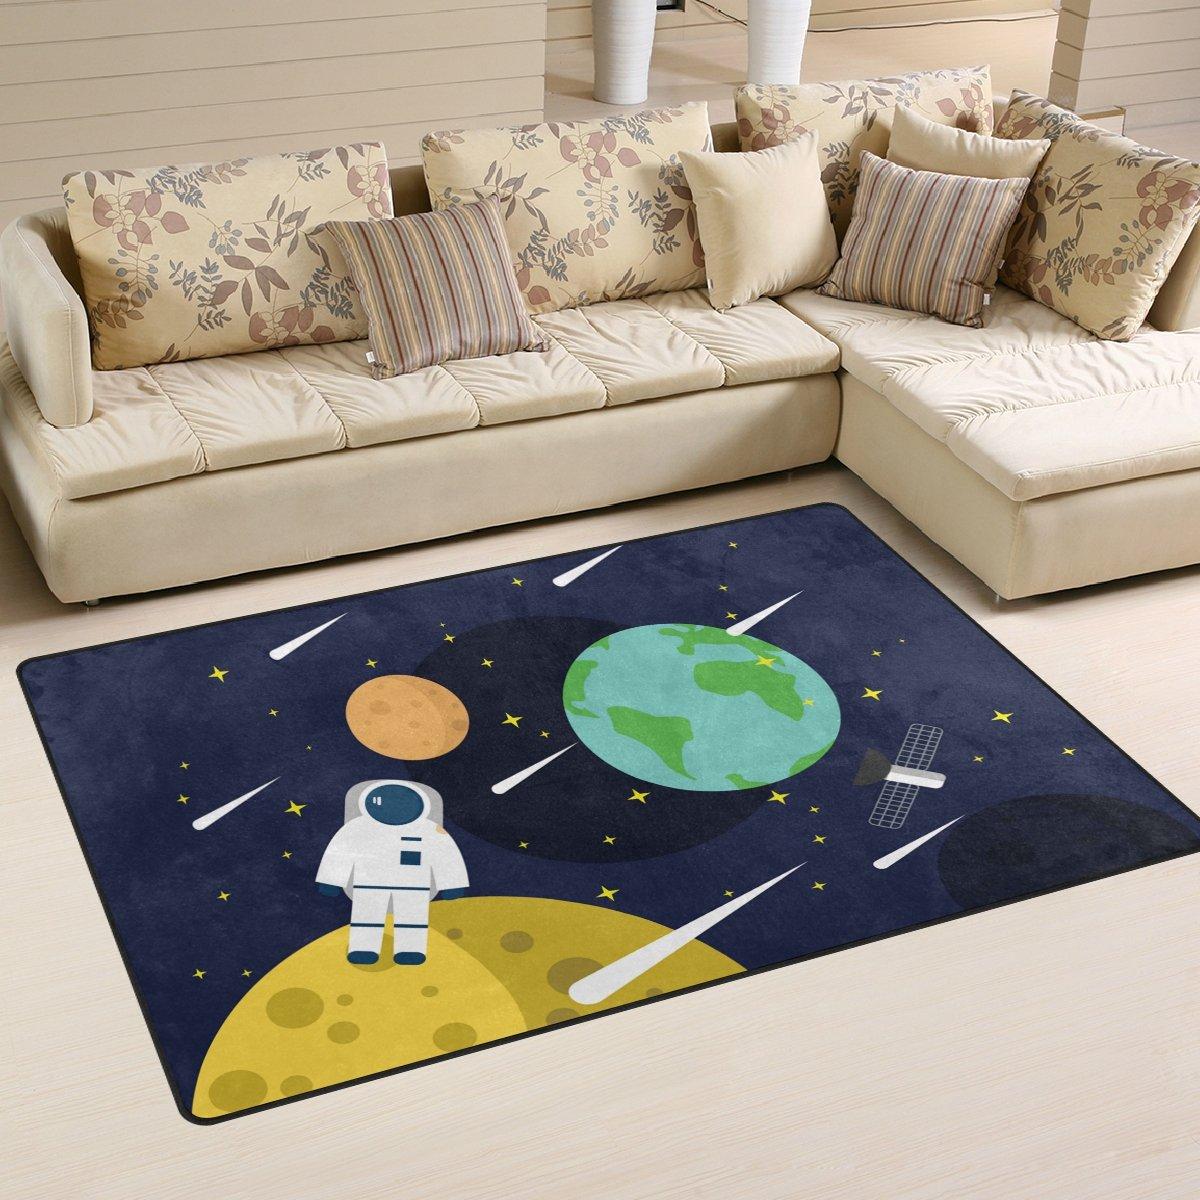 Folpply personnalisé décoratifs Espace étoiles planètes avec zone de fusées Tapis, Tapis de sol antidérapant pour intérieur/extérieur/Tapis de porte d'entrée de salle de bain/, 78,7x 50,8cm, Polyester, Color 01, 31 x 20 inch